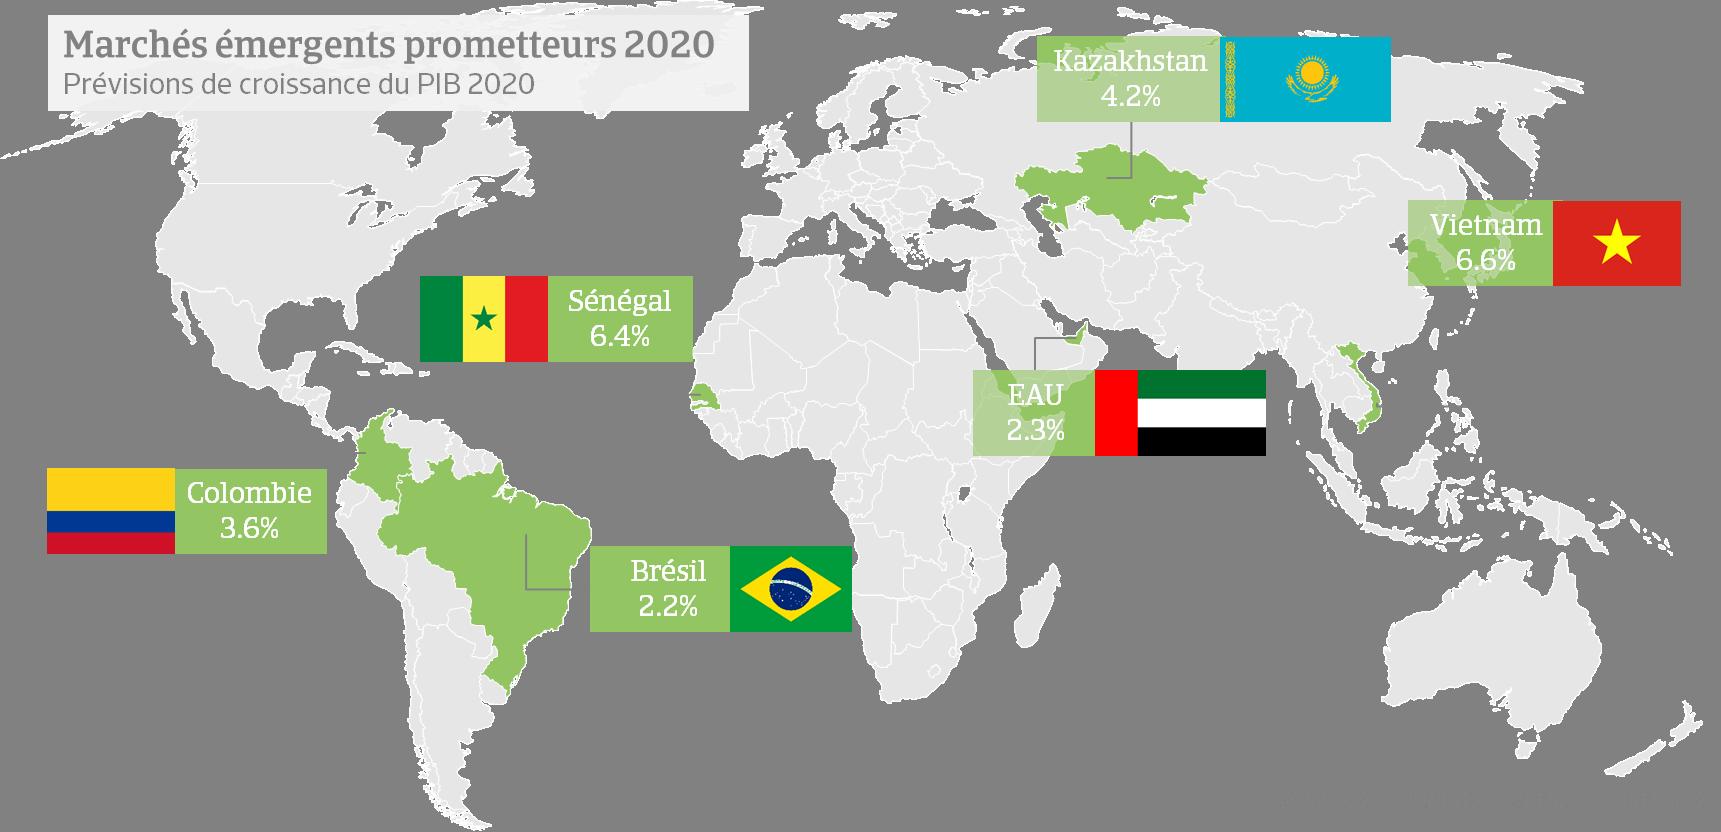 Carte Marchés émergents les plus prometteurs 2020